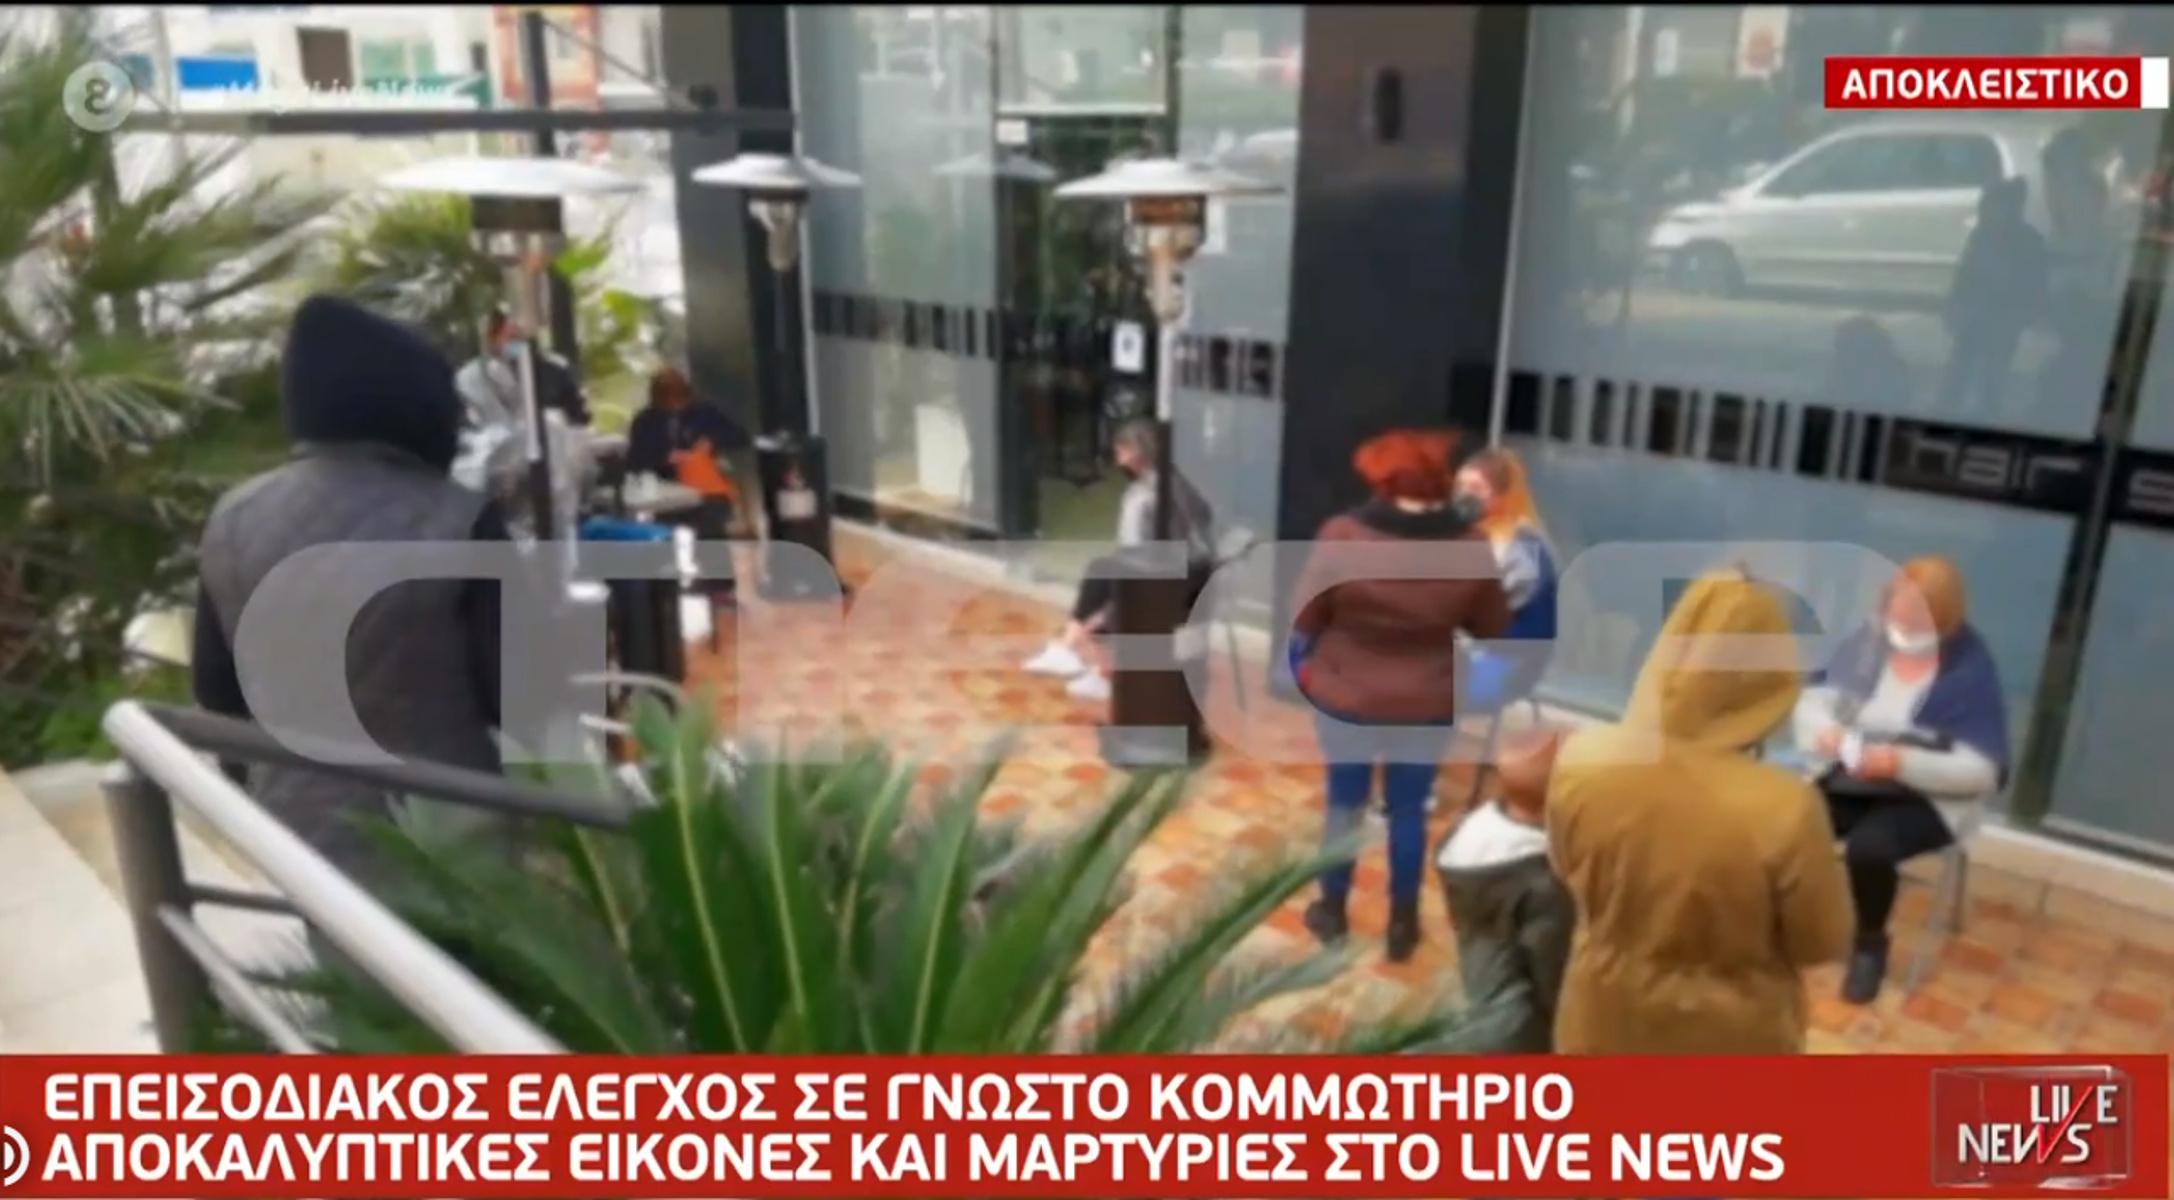 Κανένα μέτρο σε κομμωτήριο στο Περιστέρι: Έκρυψαν πελάτισσες στη βεράντα με τα αλουμινόχαρτα στα μαλλιά